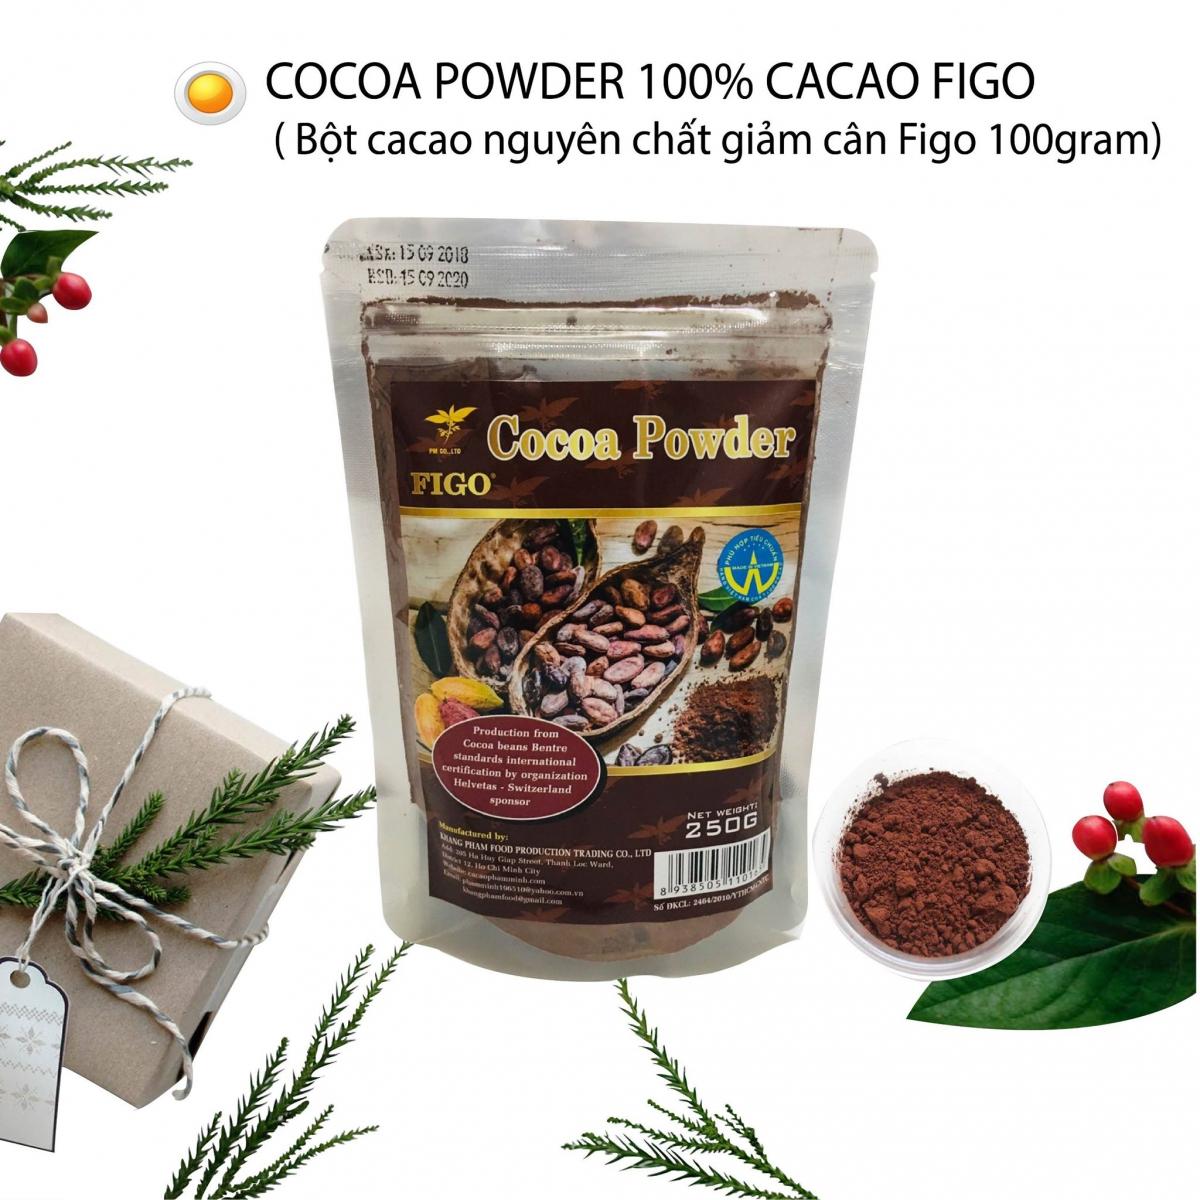 Những lưu ý khi sử dụng cacao để luyện tập thể thao